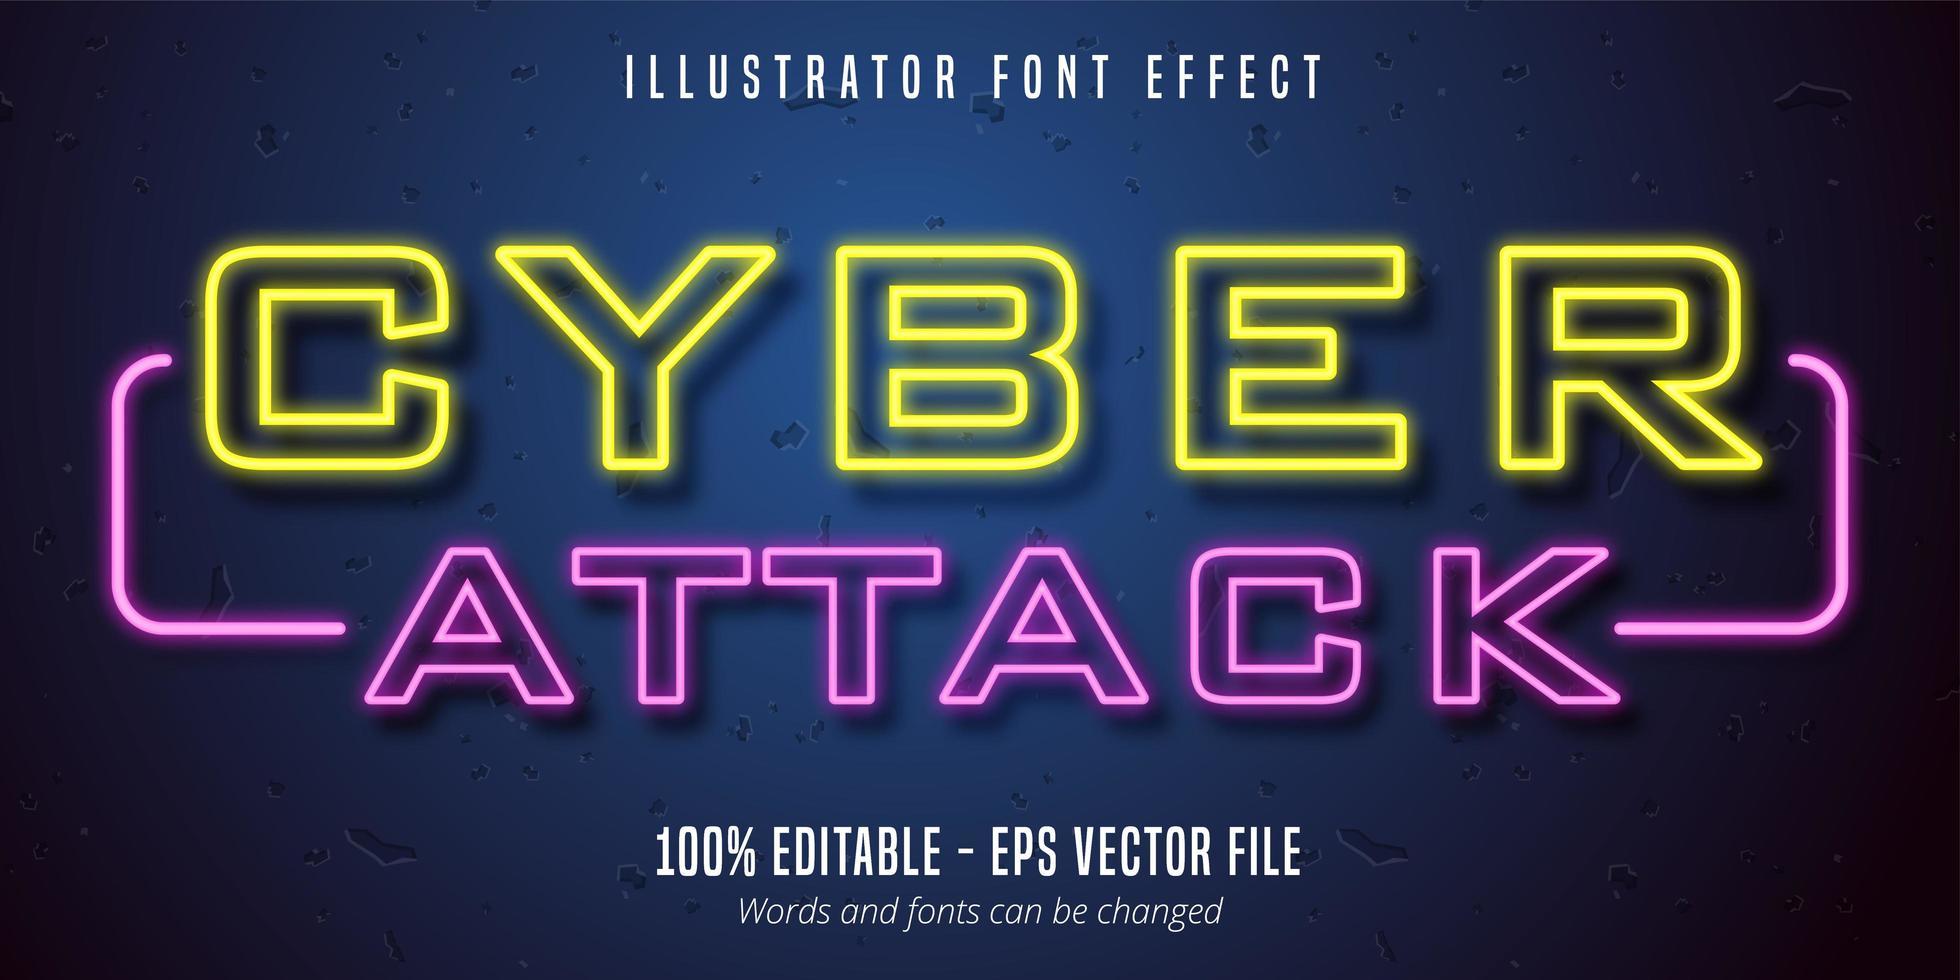 cyberattack text, neonljus skyltstil redigerbar typsnitt effekt vektor